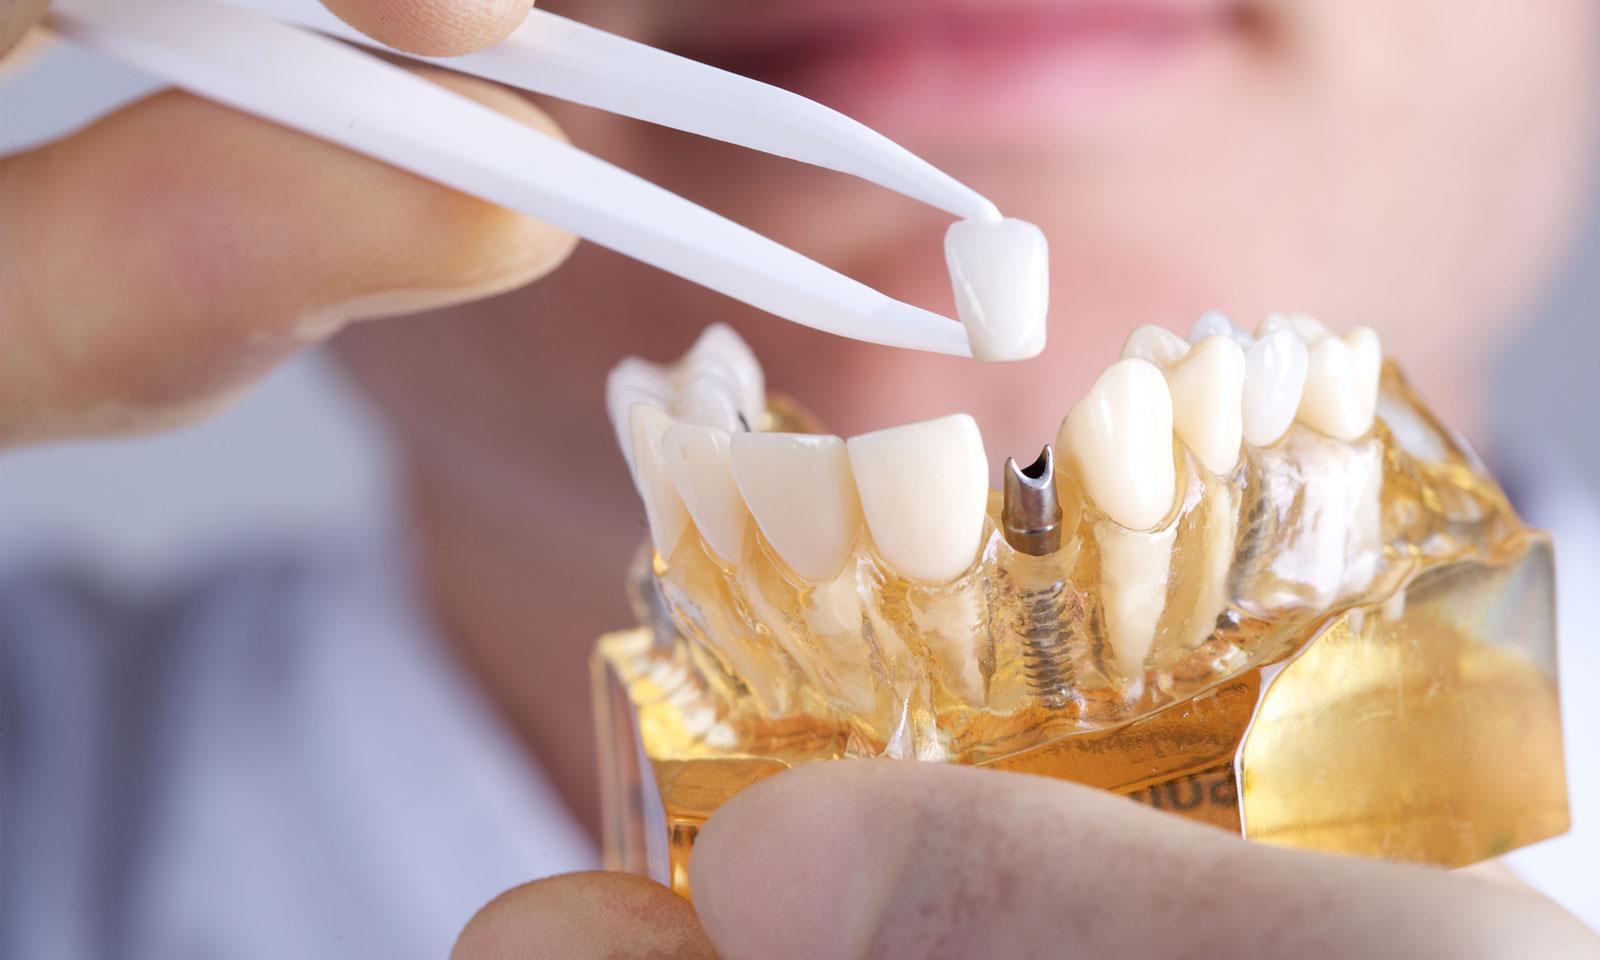 Prosthetics for Missing Teeth